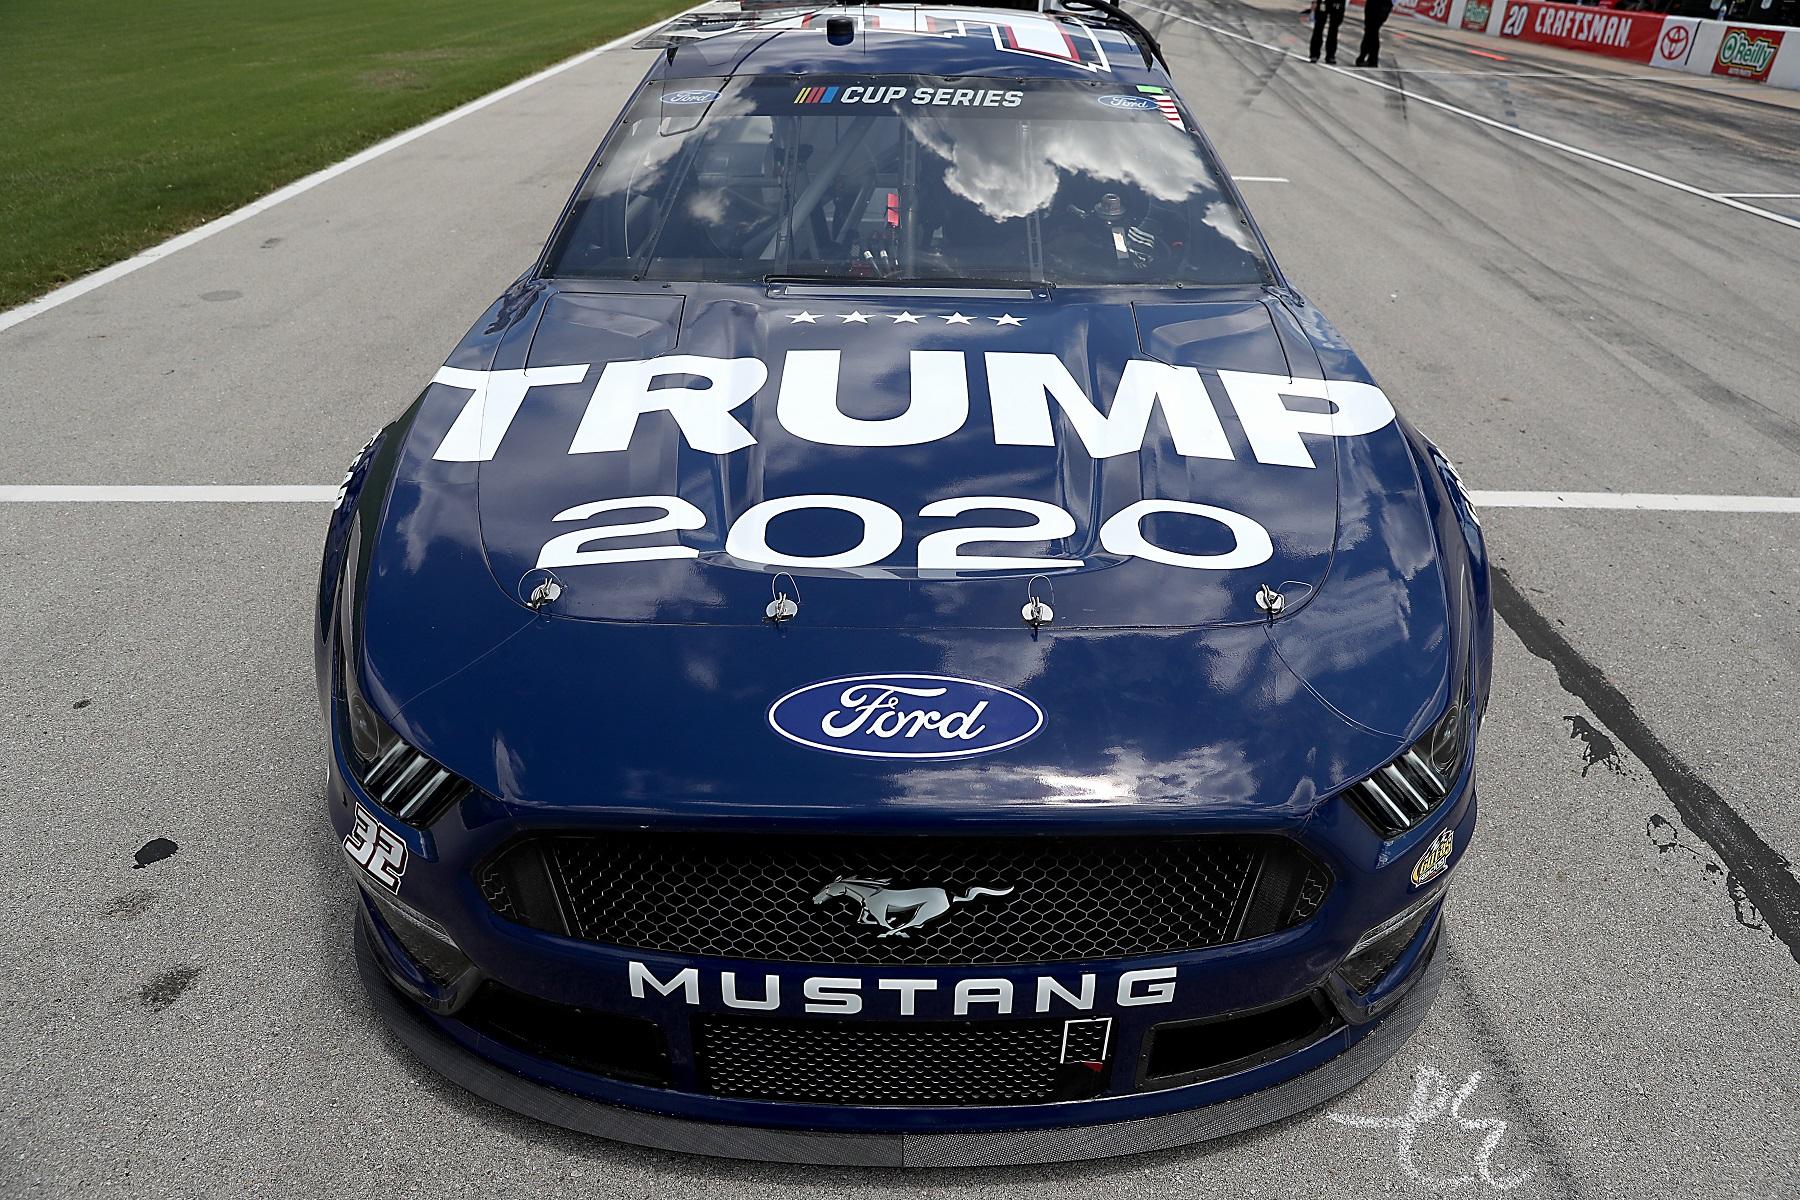 Trump 2020 NASCAR No. 32 Ford Mustang